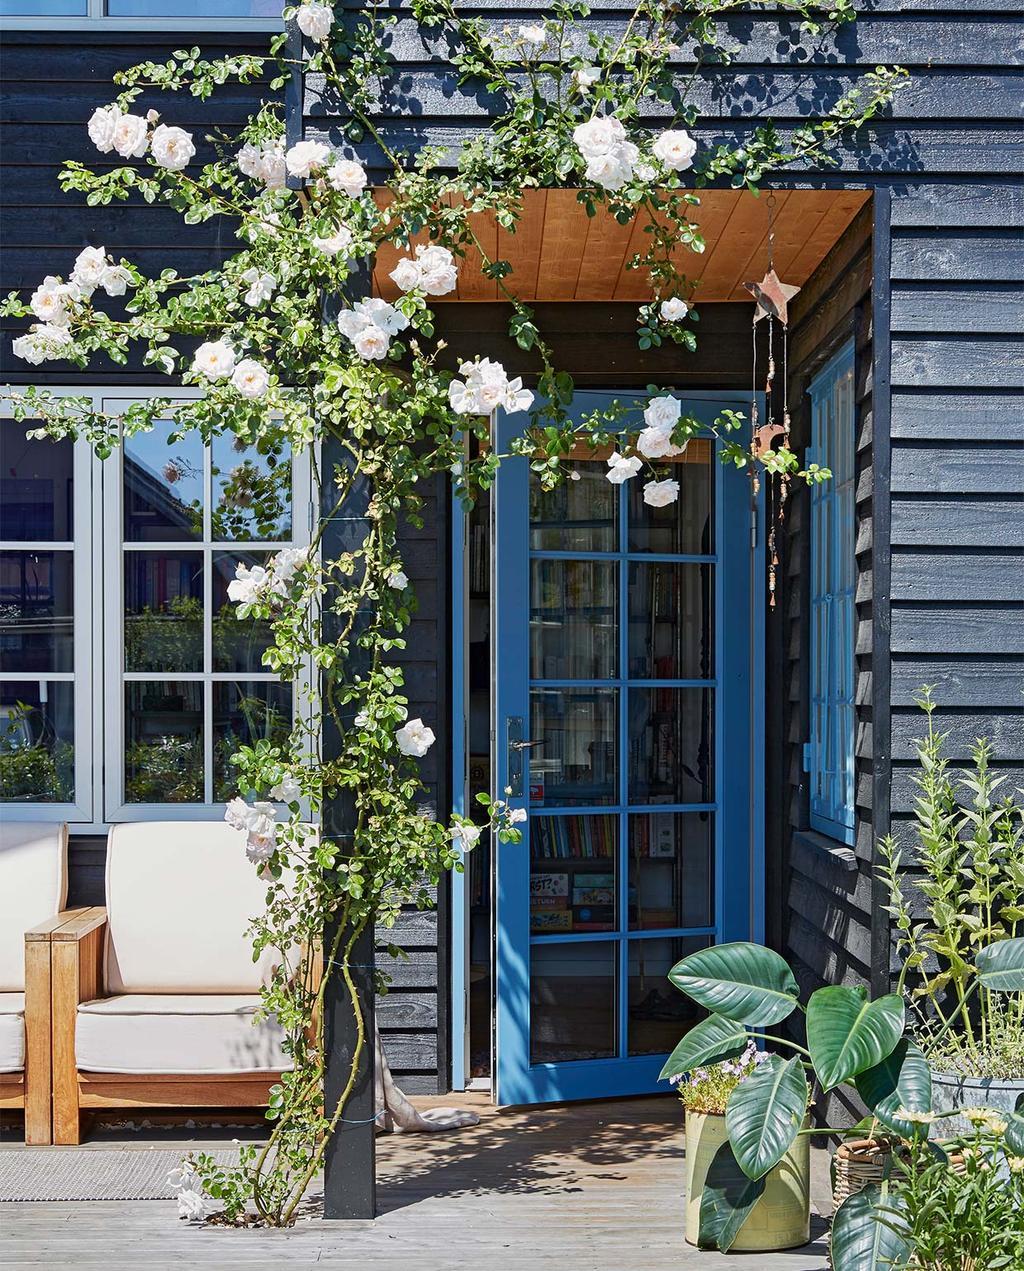 vtwonen special zomerhuizen 07-2021 | blauw huis met klimop bloemen en blauwe deur